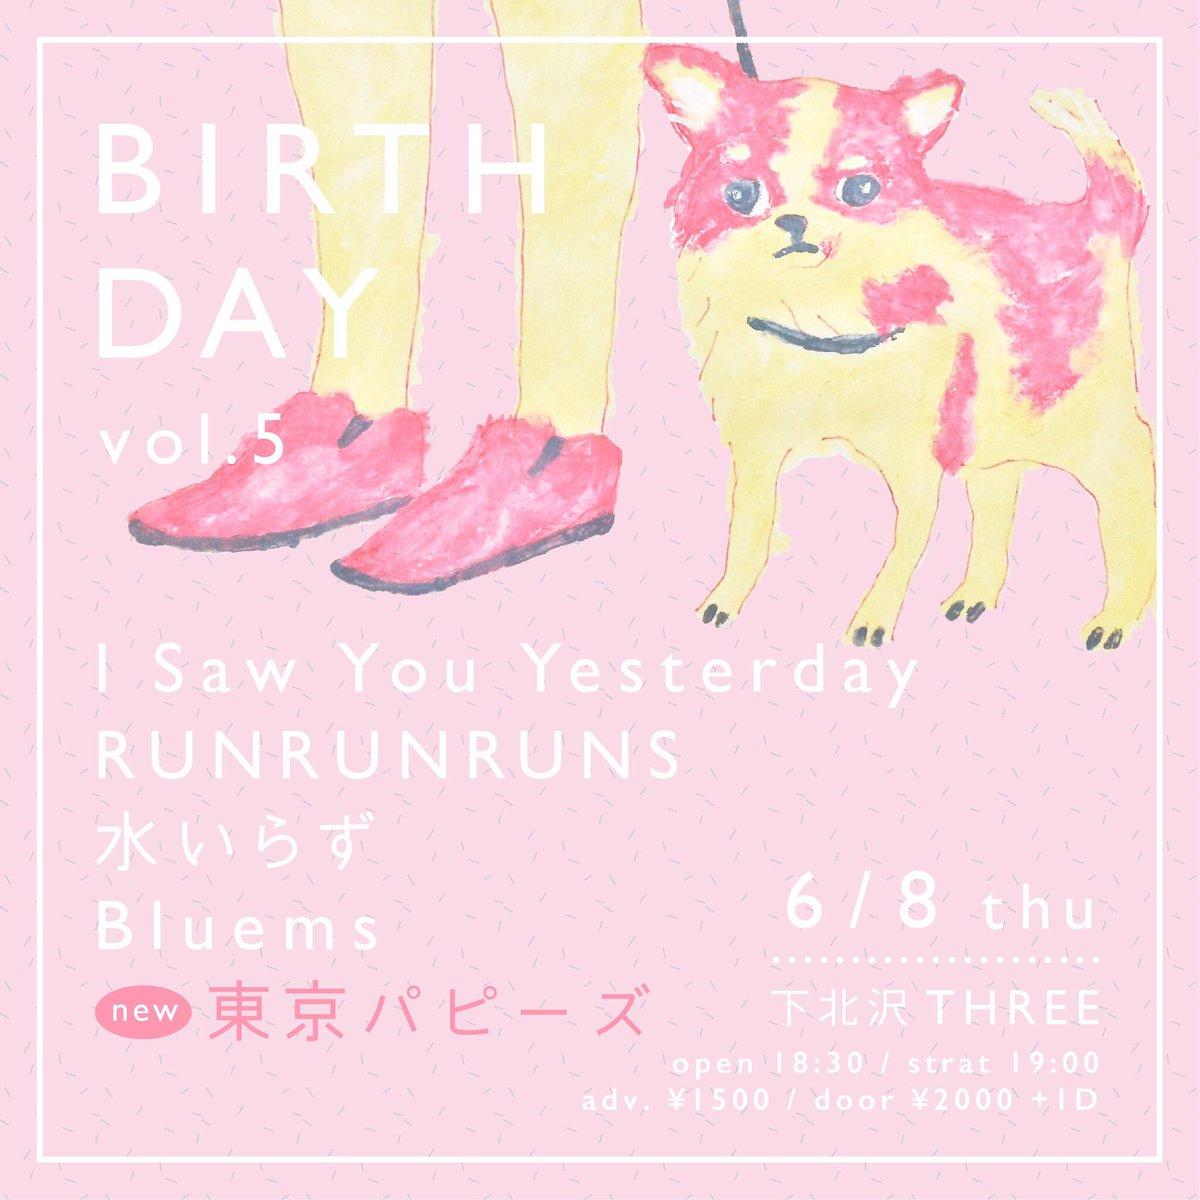 BIRTHDAY vol.5